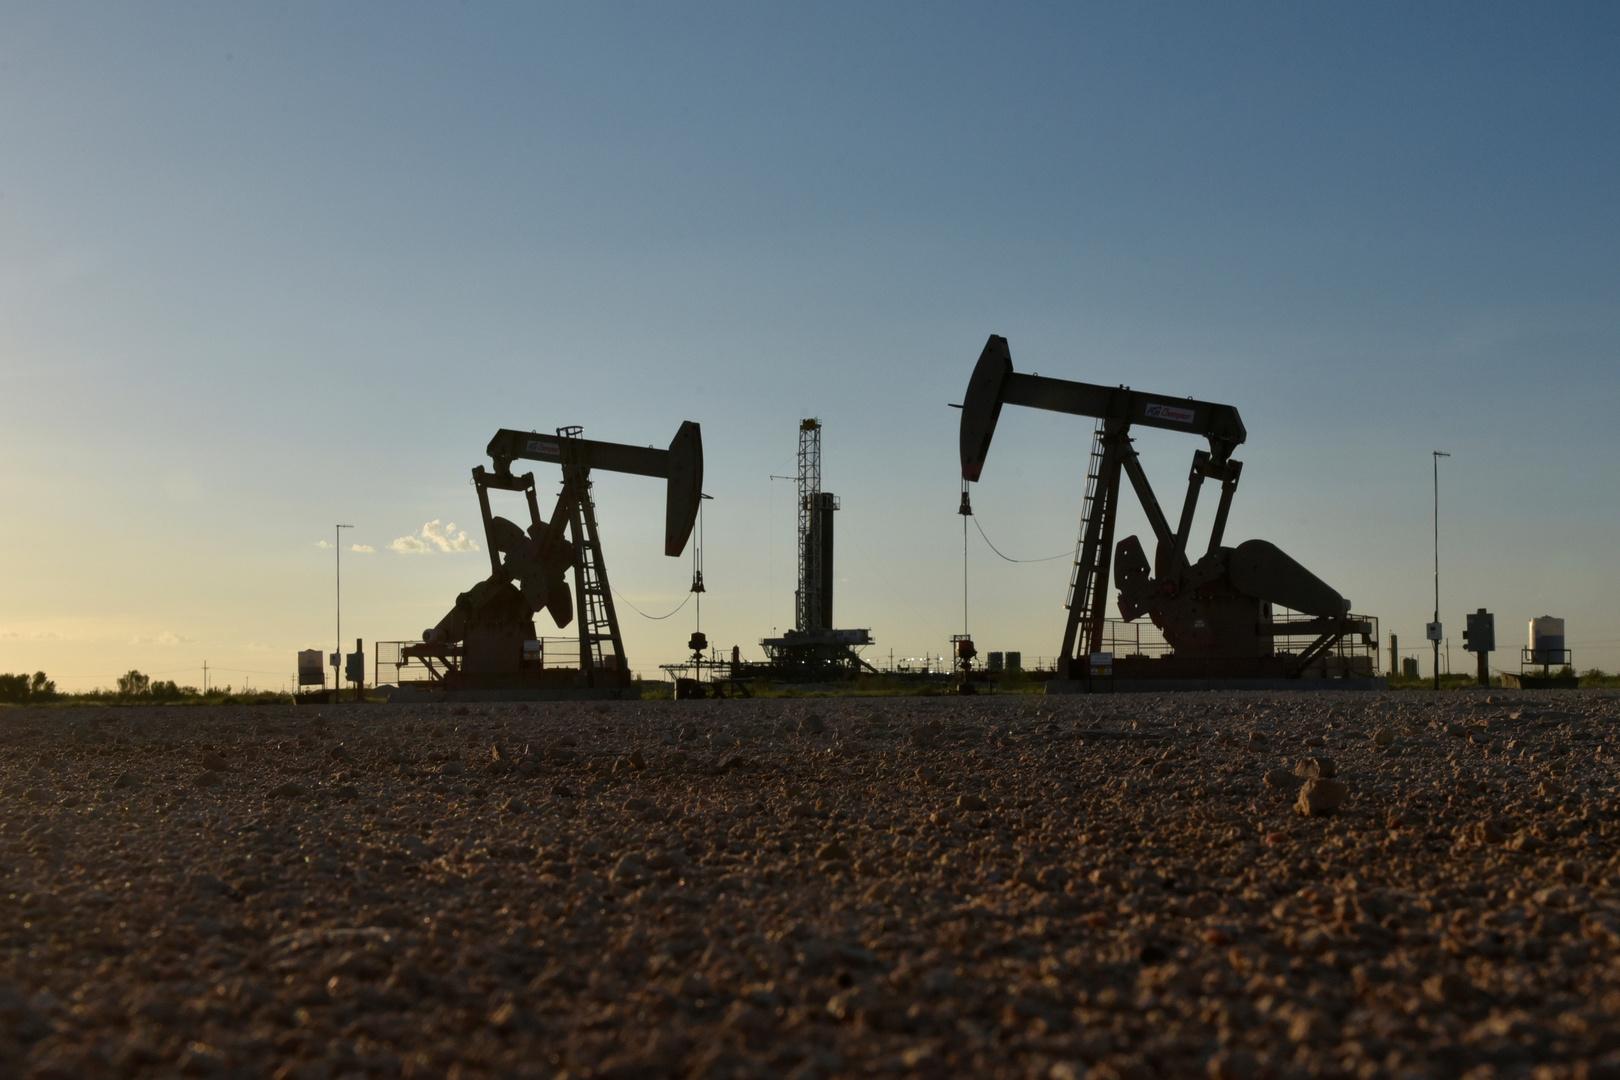 أسعار النفط تصعد بدعم من آمال التحفيز الأمريكي وقلق بشأن الإمدادات